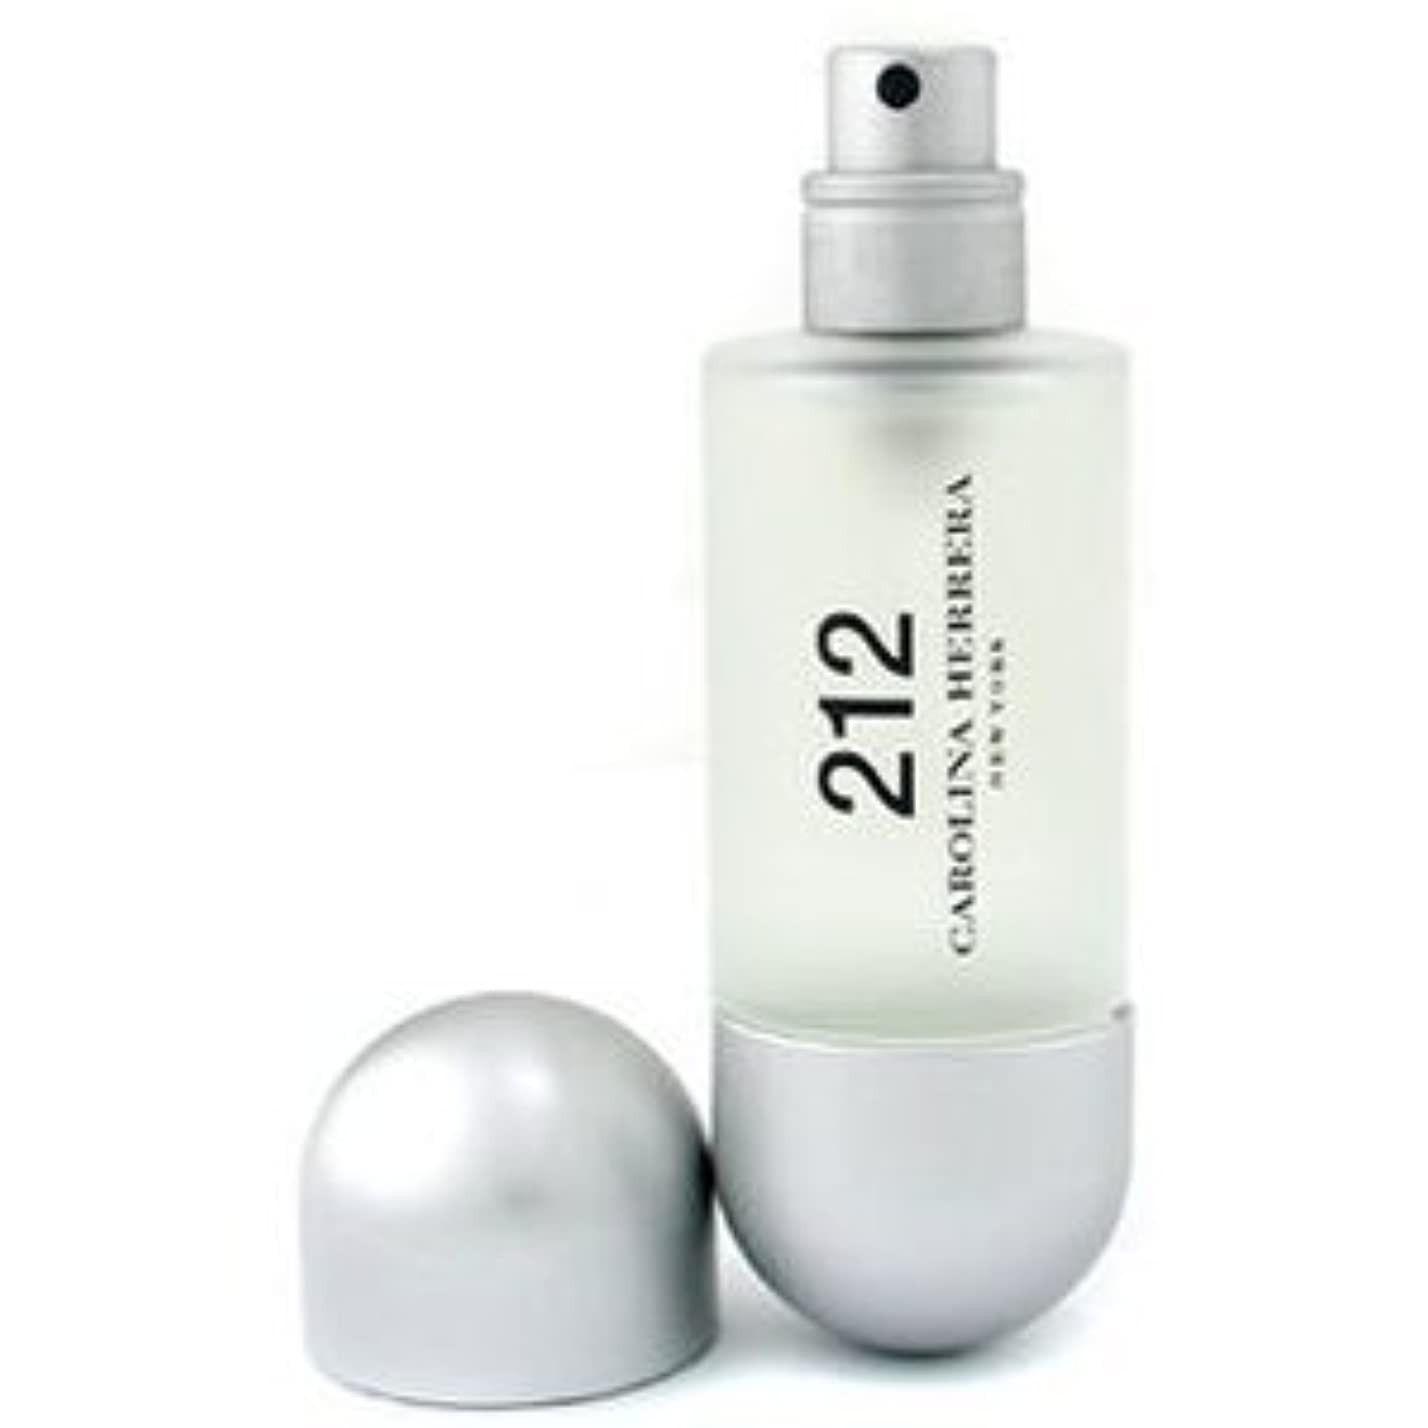 あたり密輸香水キャロライナヘレラ 212 EDT SP 30ml[並行輸入品]